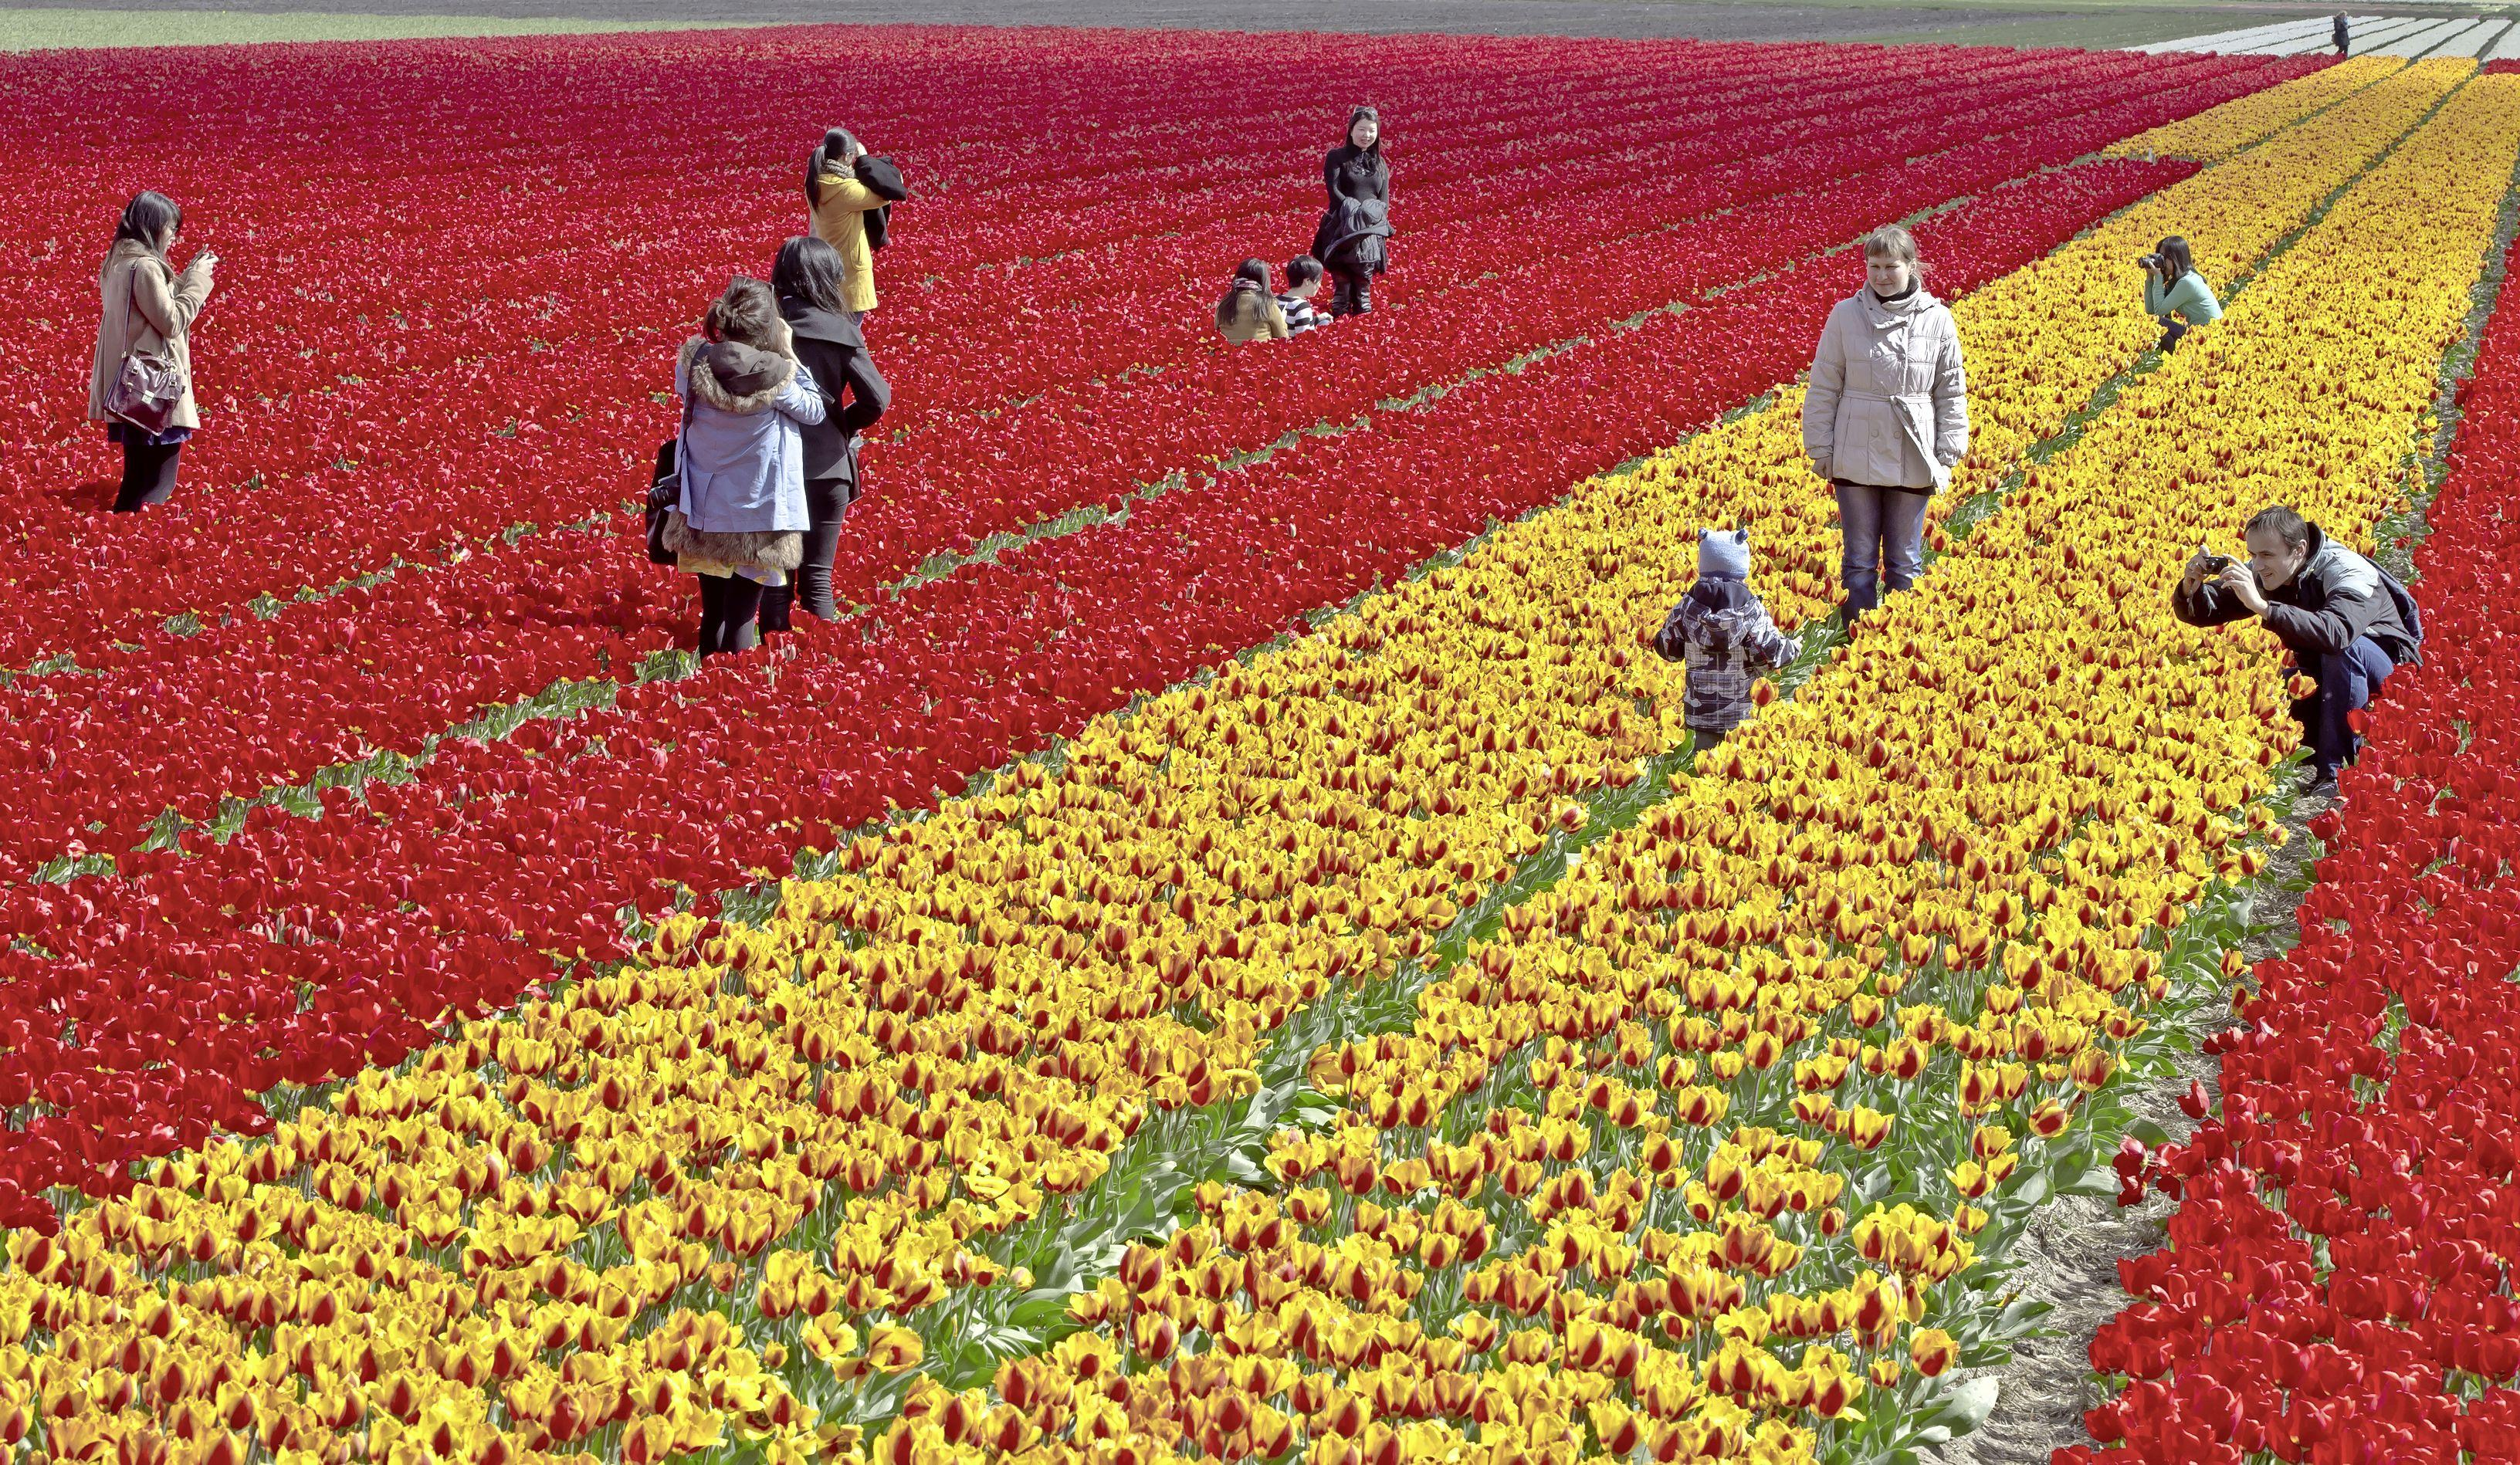 Wegen niet op voorhand dicht als de bollenvelden in bloei staan: 'Maar als het nodig is kunnen we met één pennenstreek hekken laten aanrukken'